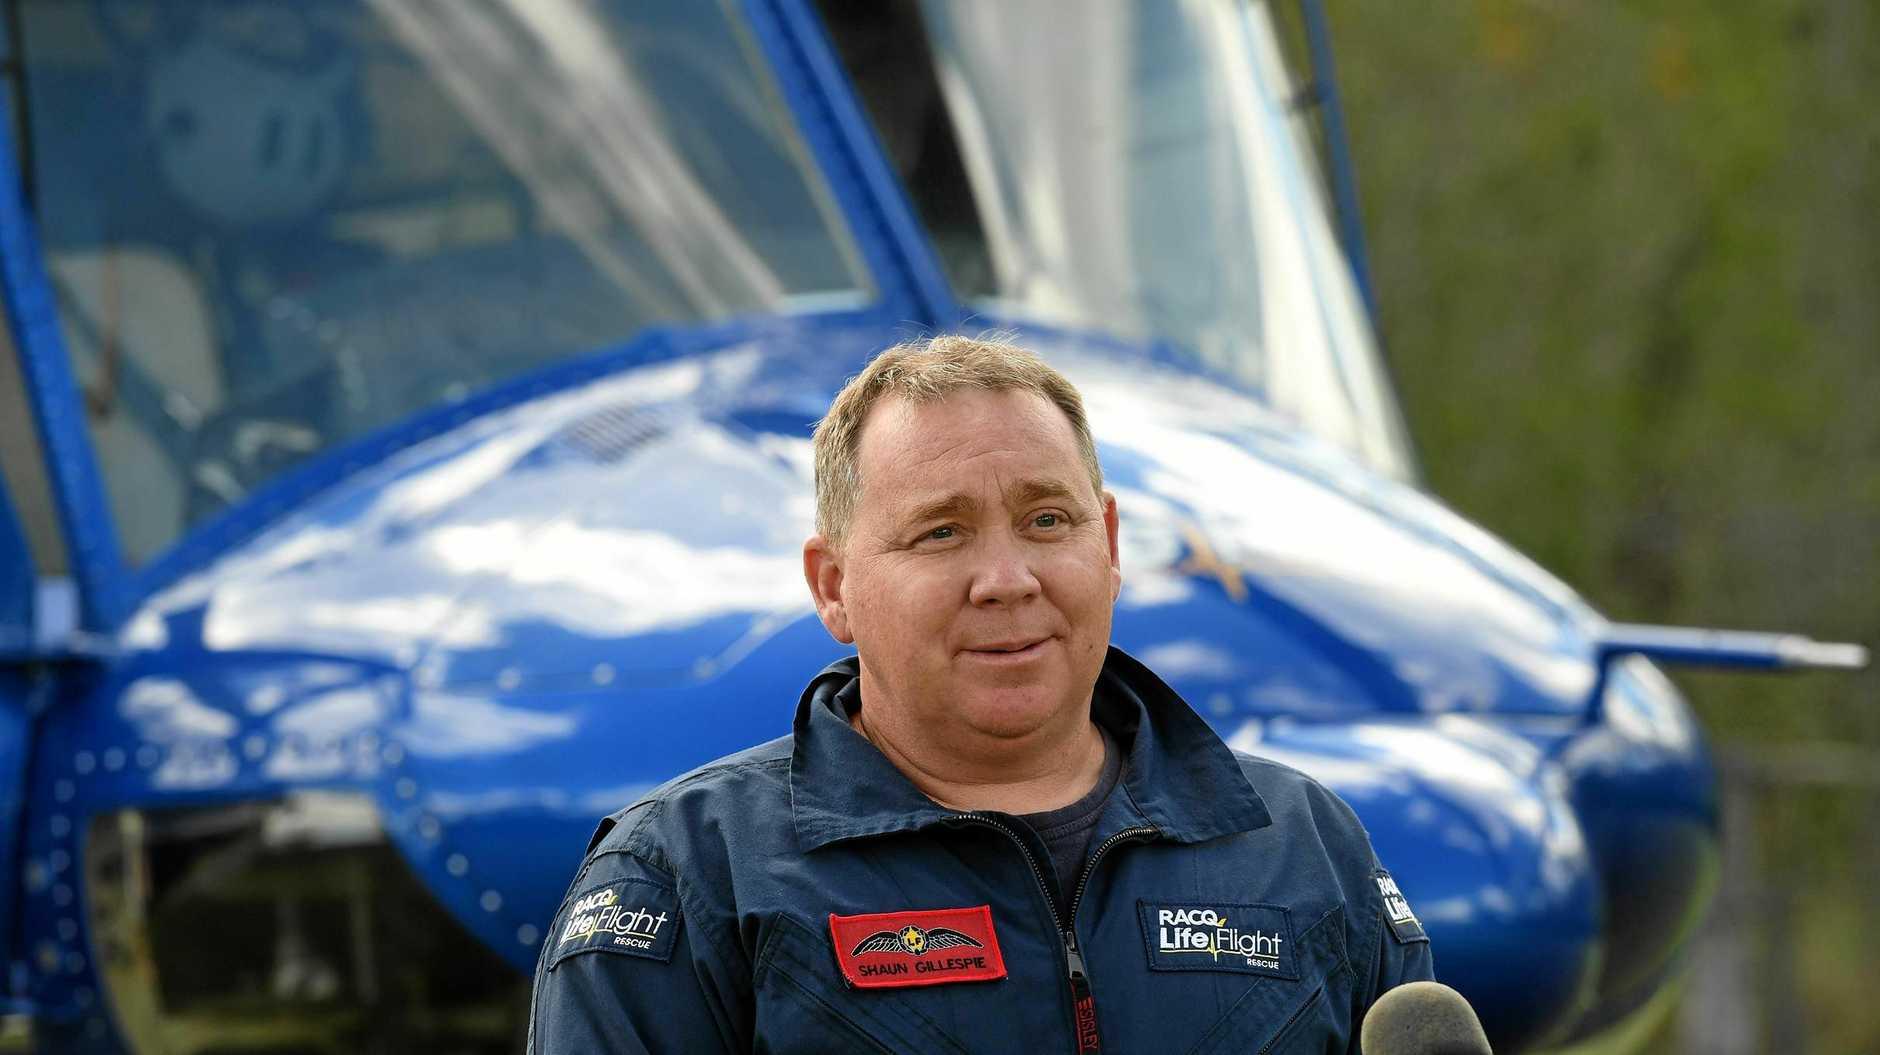 LifeFlight pilot Shaun Gillespie.